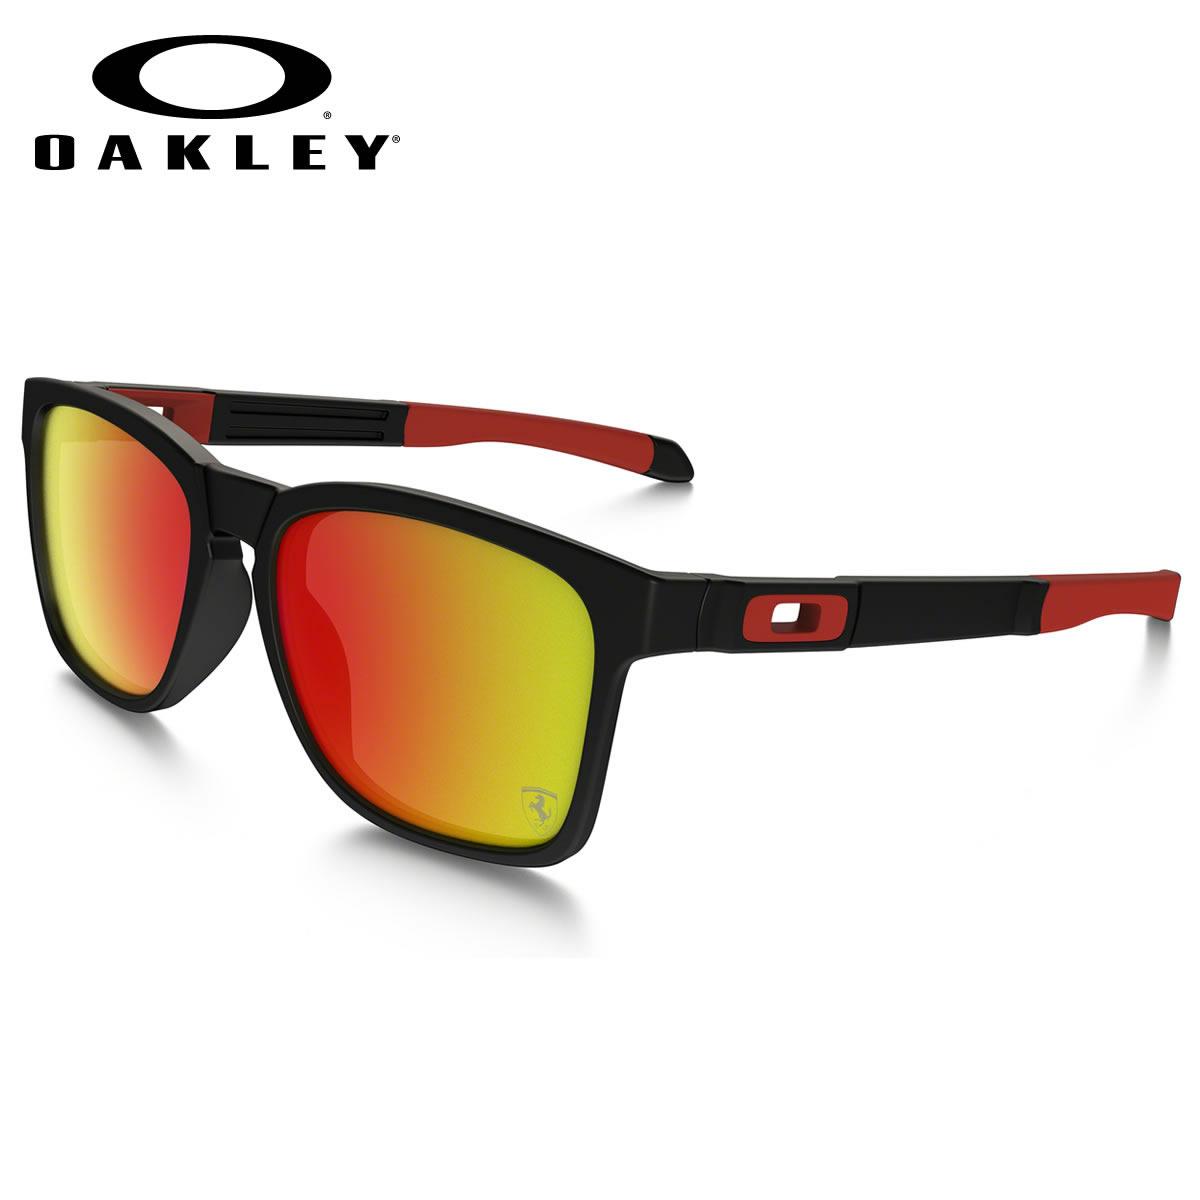 c2ff544433a -OAKLEY sunglasses OO9272-07 CATALYST SCUDERIA FERRARI model catalyst  Scuderia Ferrari OAKLEY men s women s